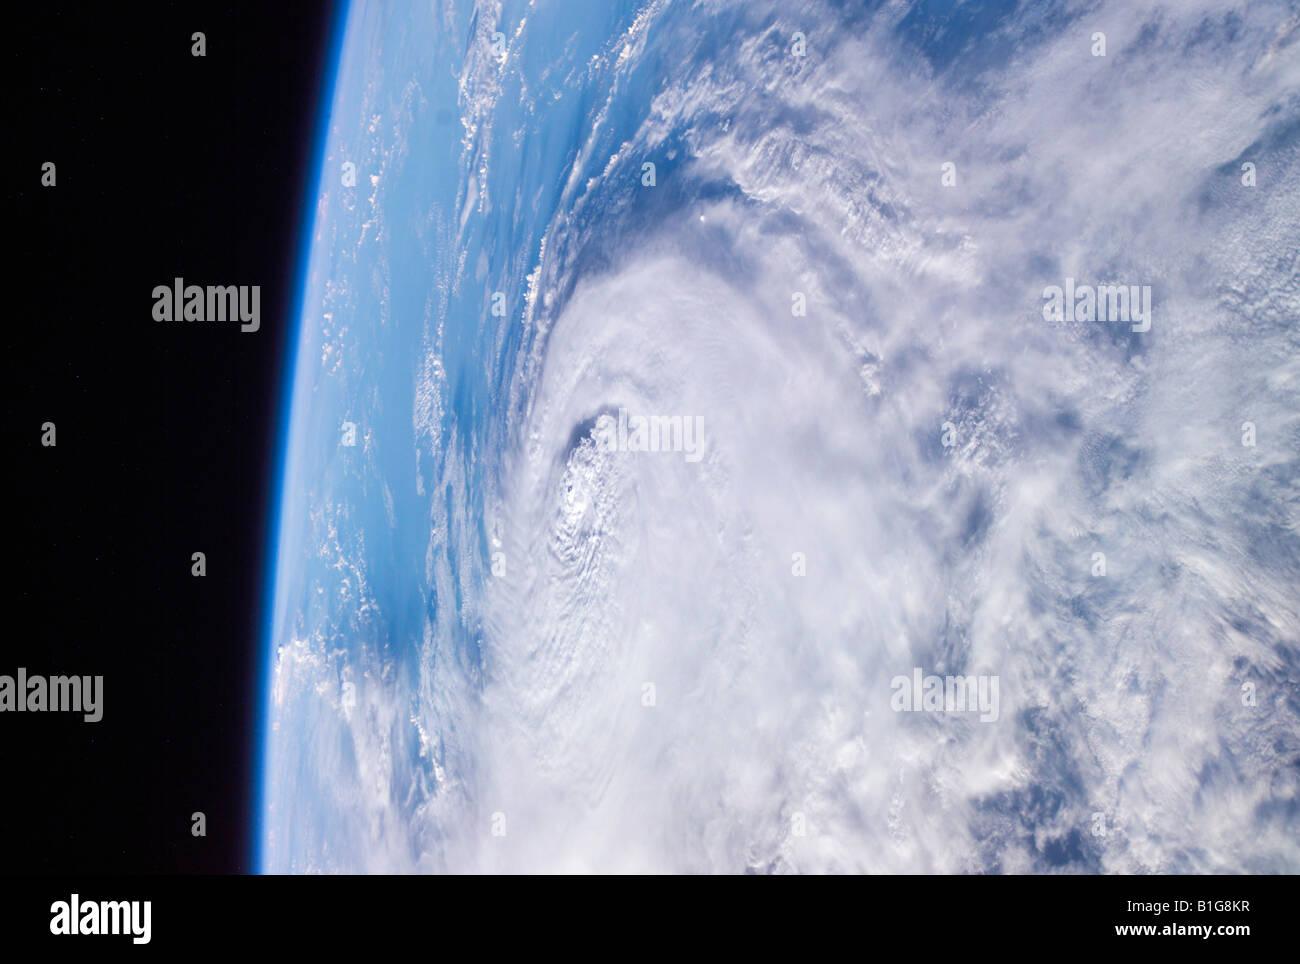 Hurrikan Charley aus dem Weltraum Stockbild